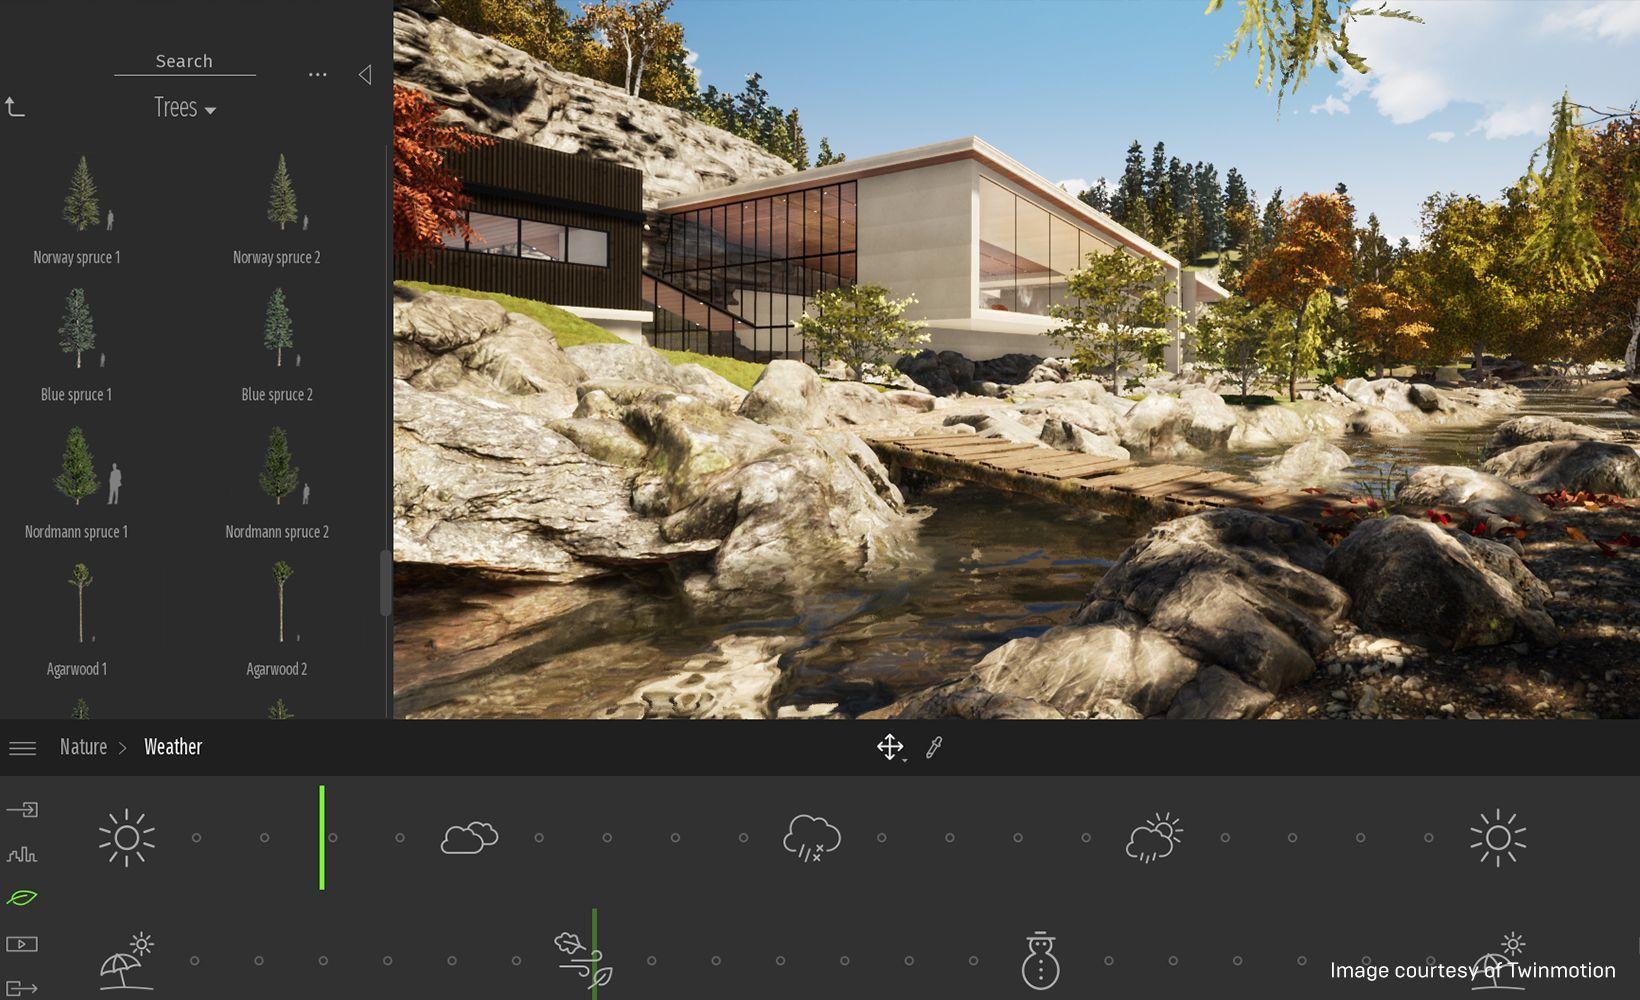 Twinmotion Unreal Engine Program Architektoniczny Za Darmo do Listopada 2019